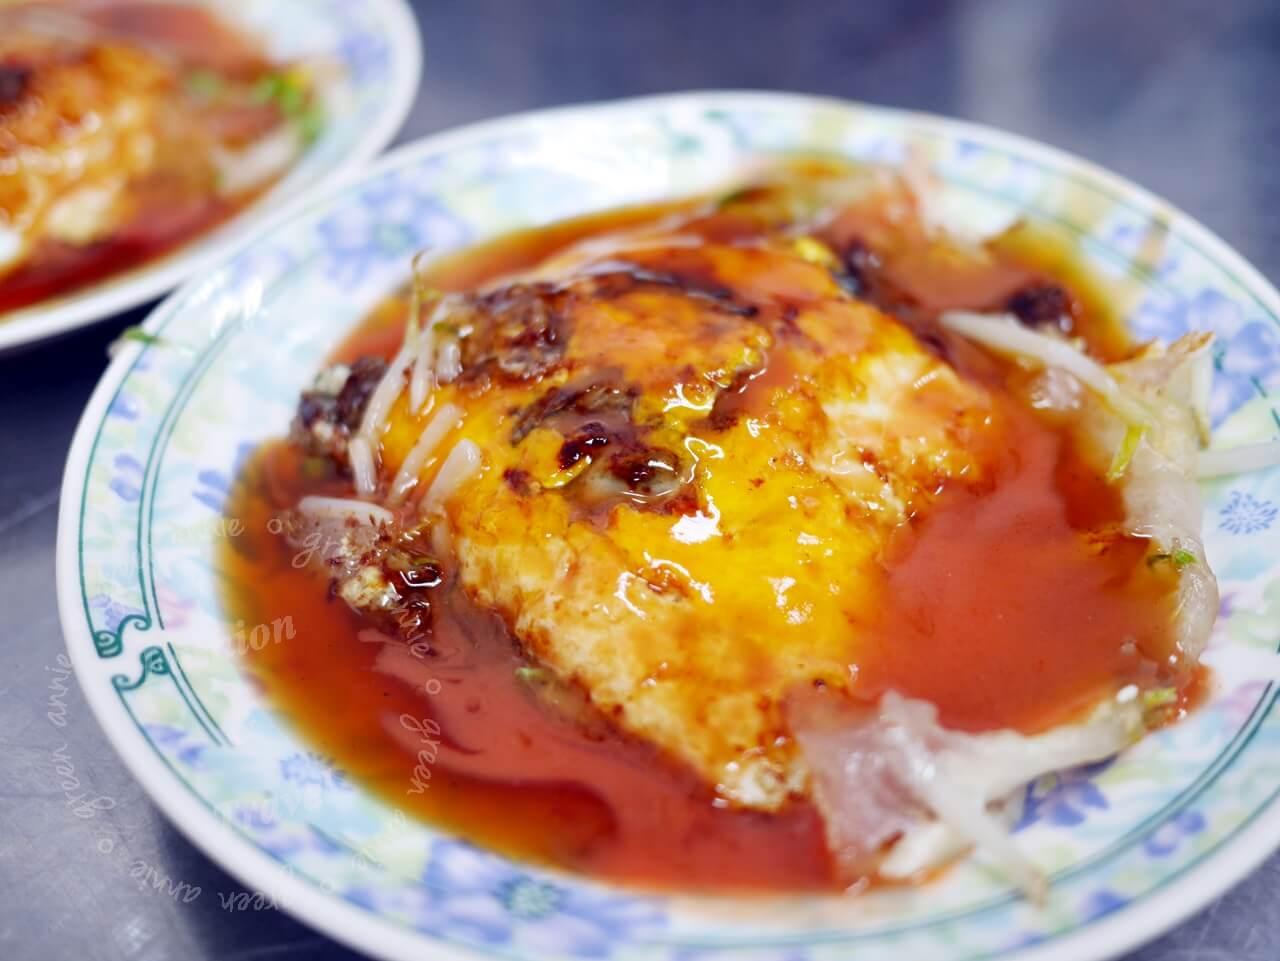 台南國華街,石精臼蚵仔煎每次必吃人氣老店,吃完再喝一杯水仙宮青草茶